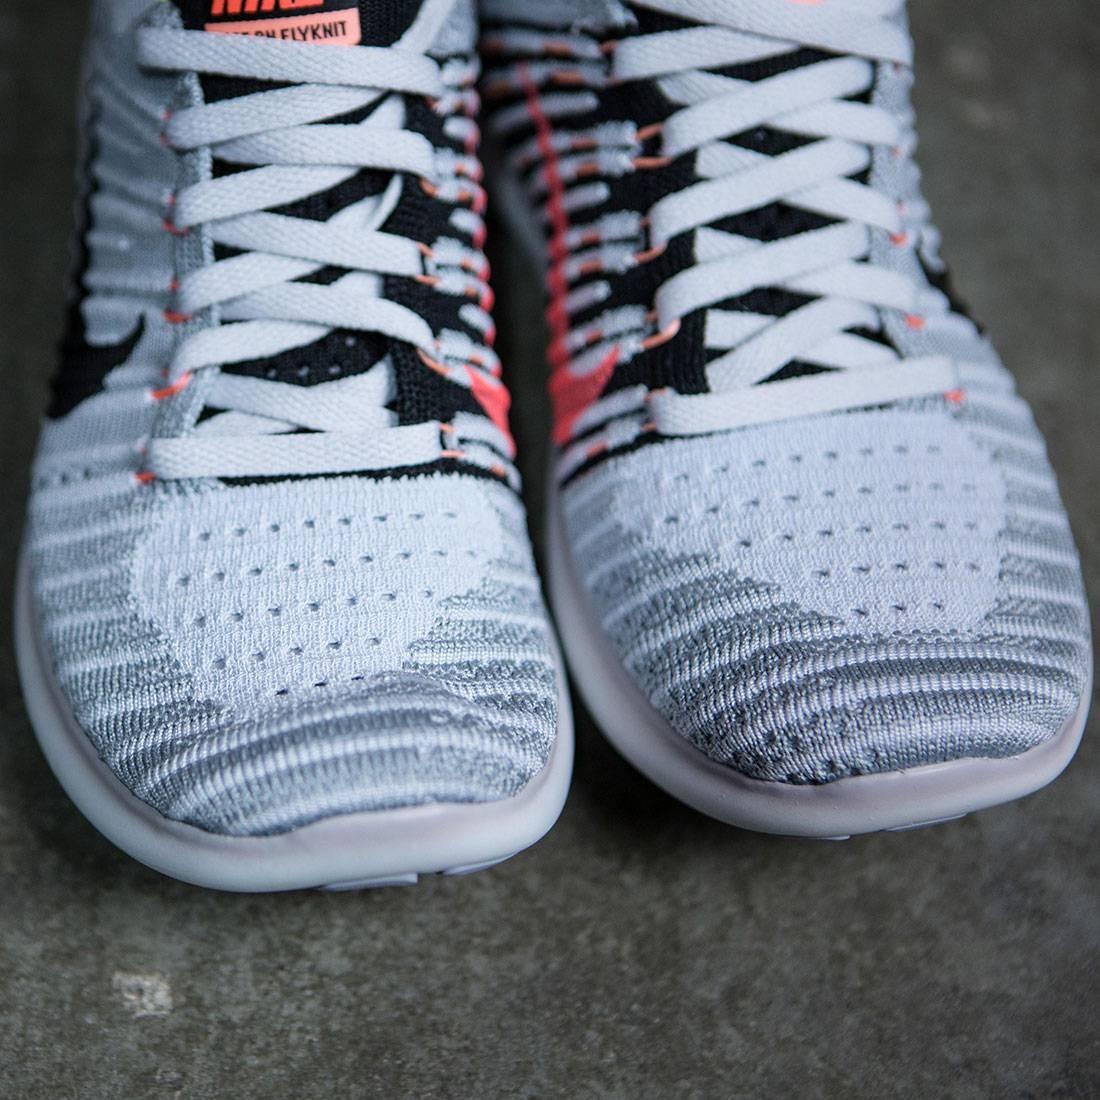 cc917d865 Nike Women Free Rn Flyknit Running (wolf grey   black-bright mango)